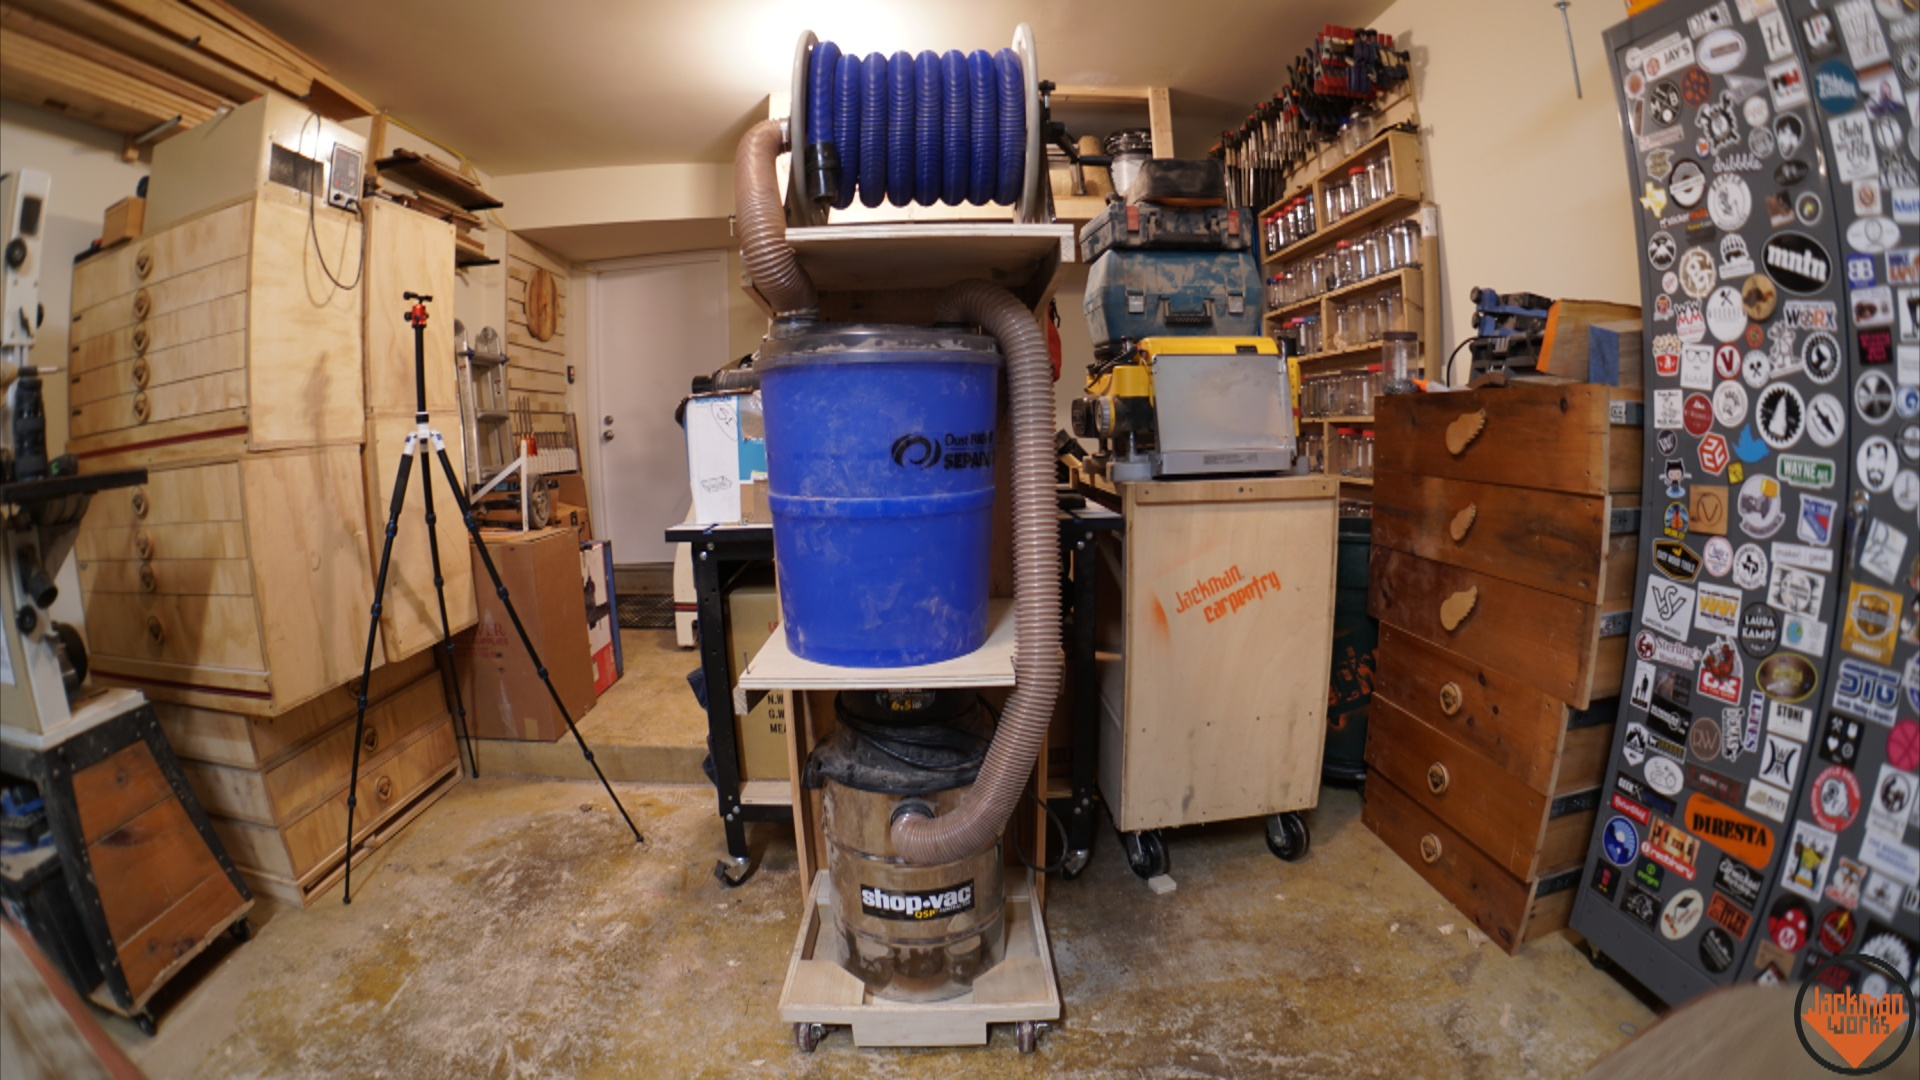 Shop Vac,dust Collection,dust Collector,shop Vac Cart,dust Collection  Cart,rockler,dust Separator,vacuum Hose Reel,jay Bates,jeremy  Schmidt,woodworking ...